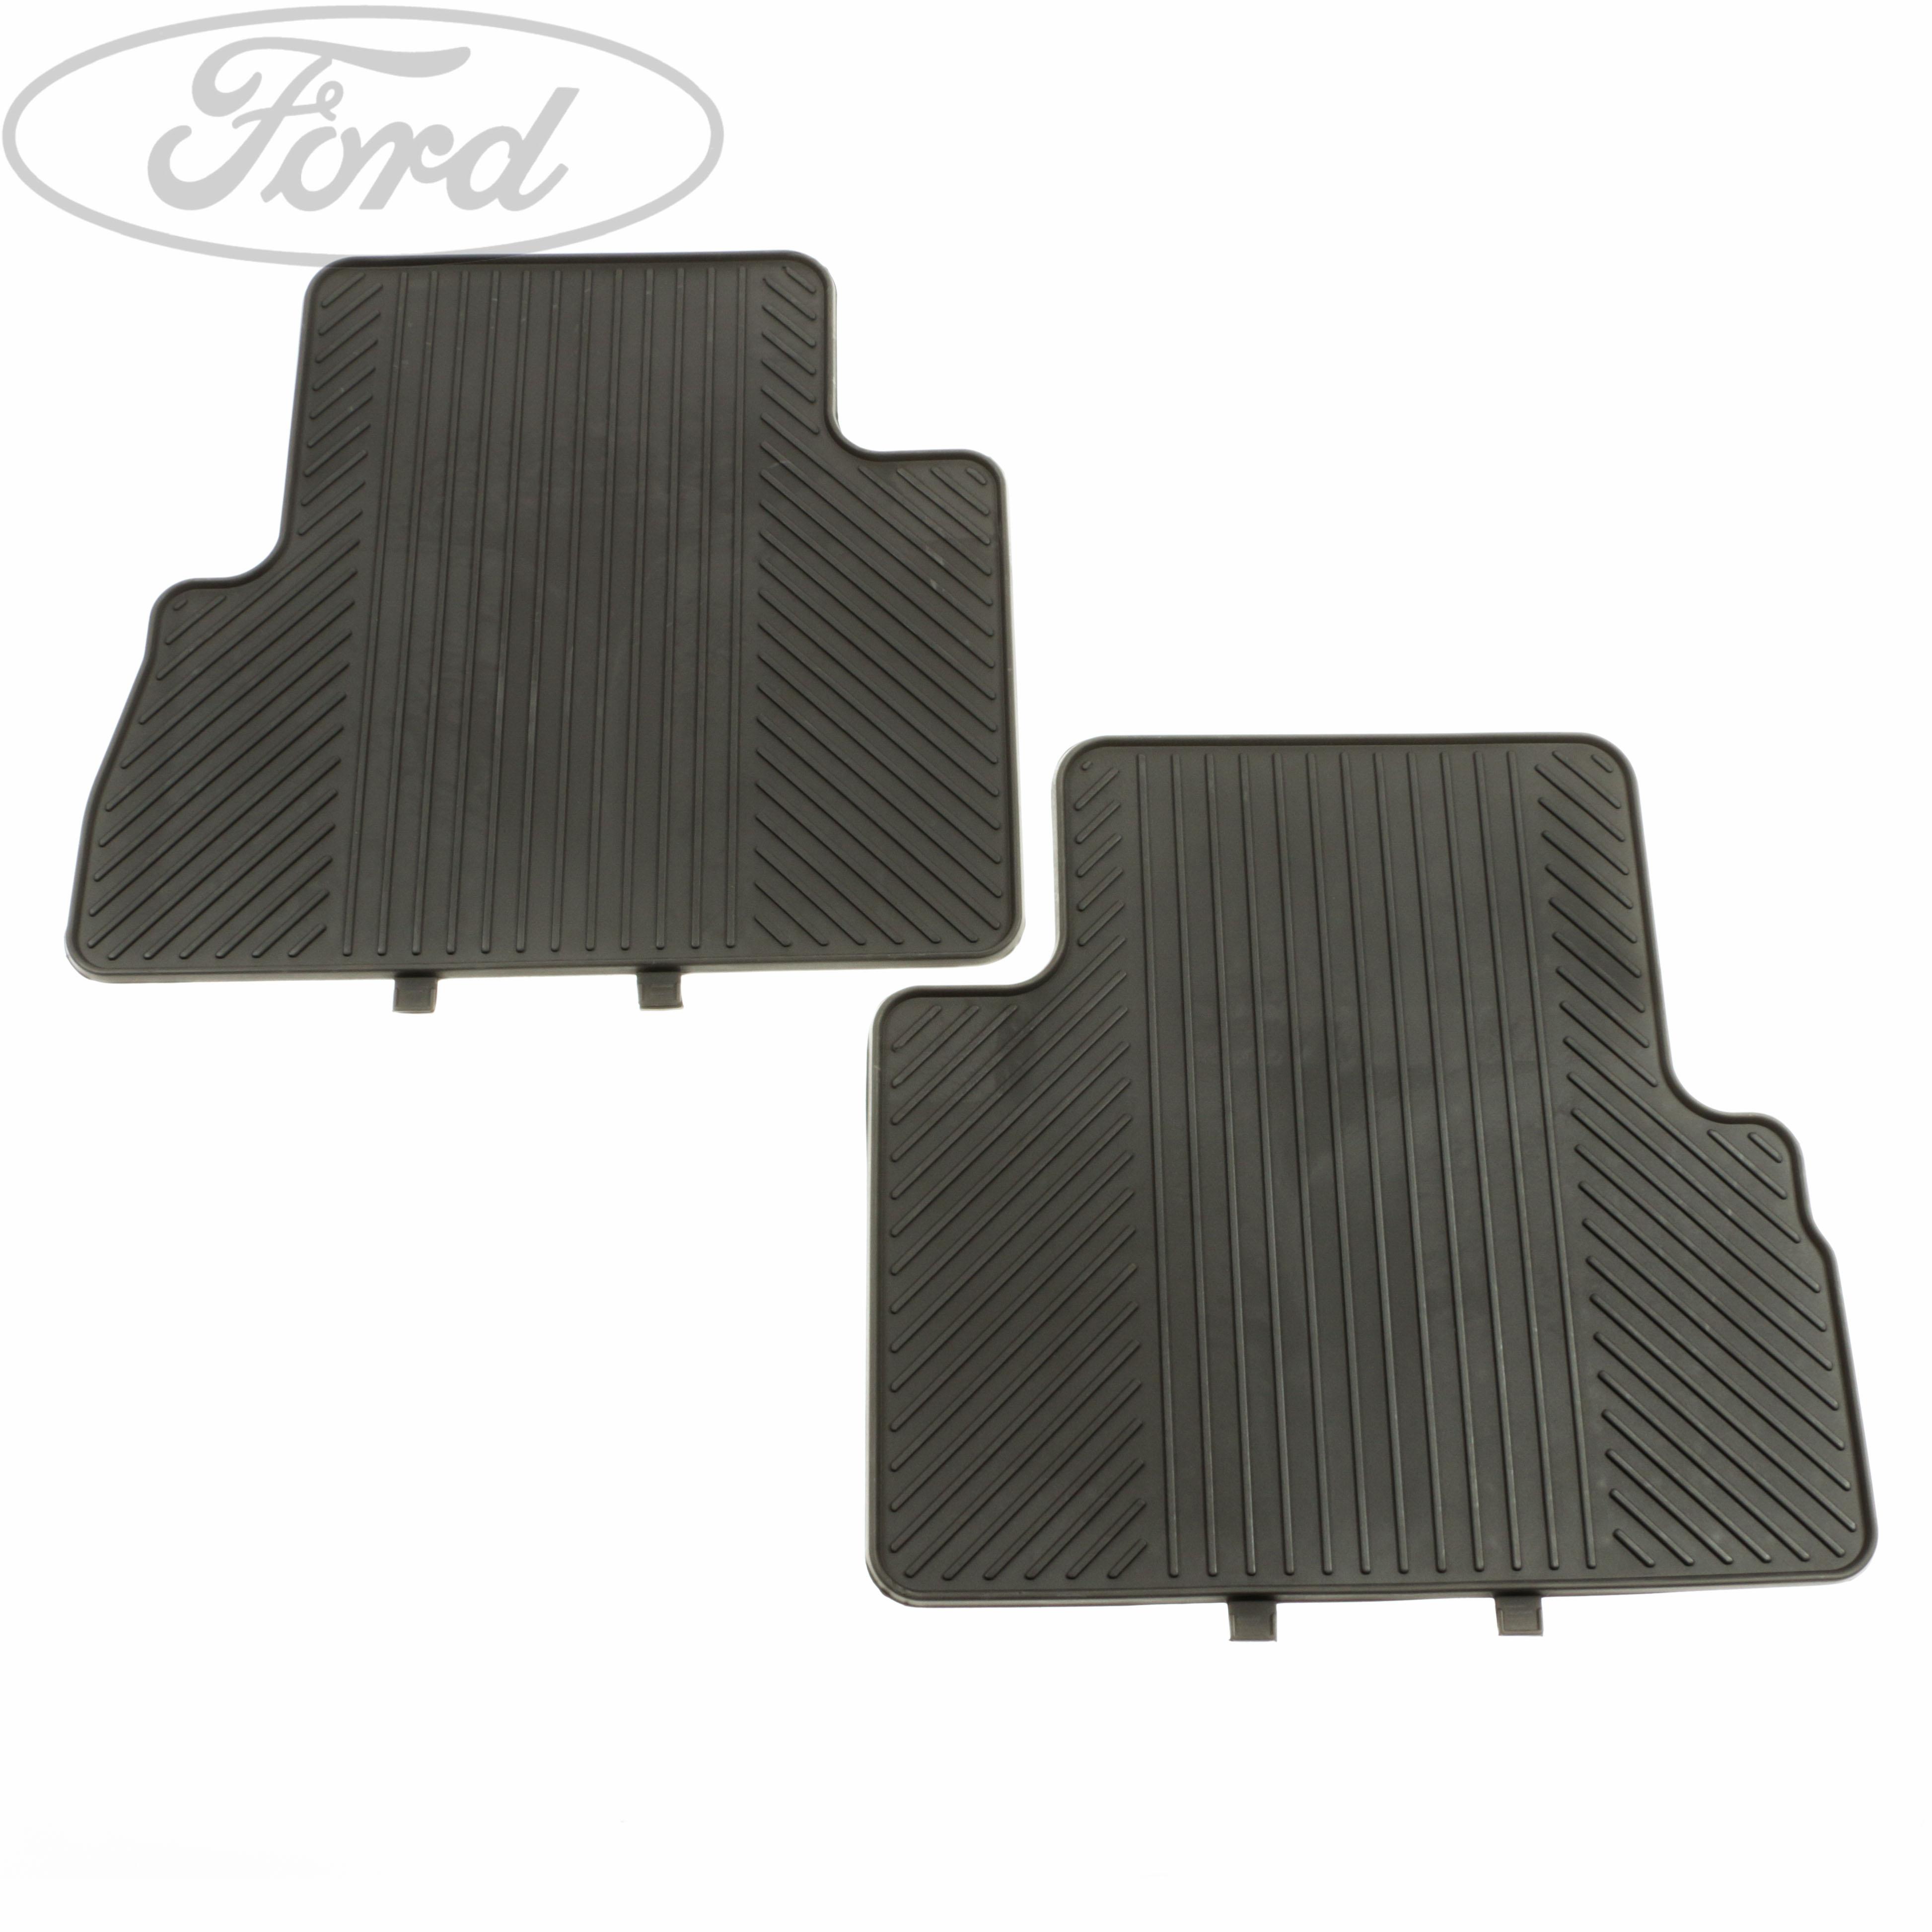 Genuine Ford C Max Mk2 Rear Contour Floor Mat Carpet Set